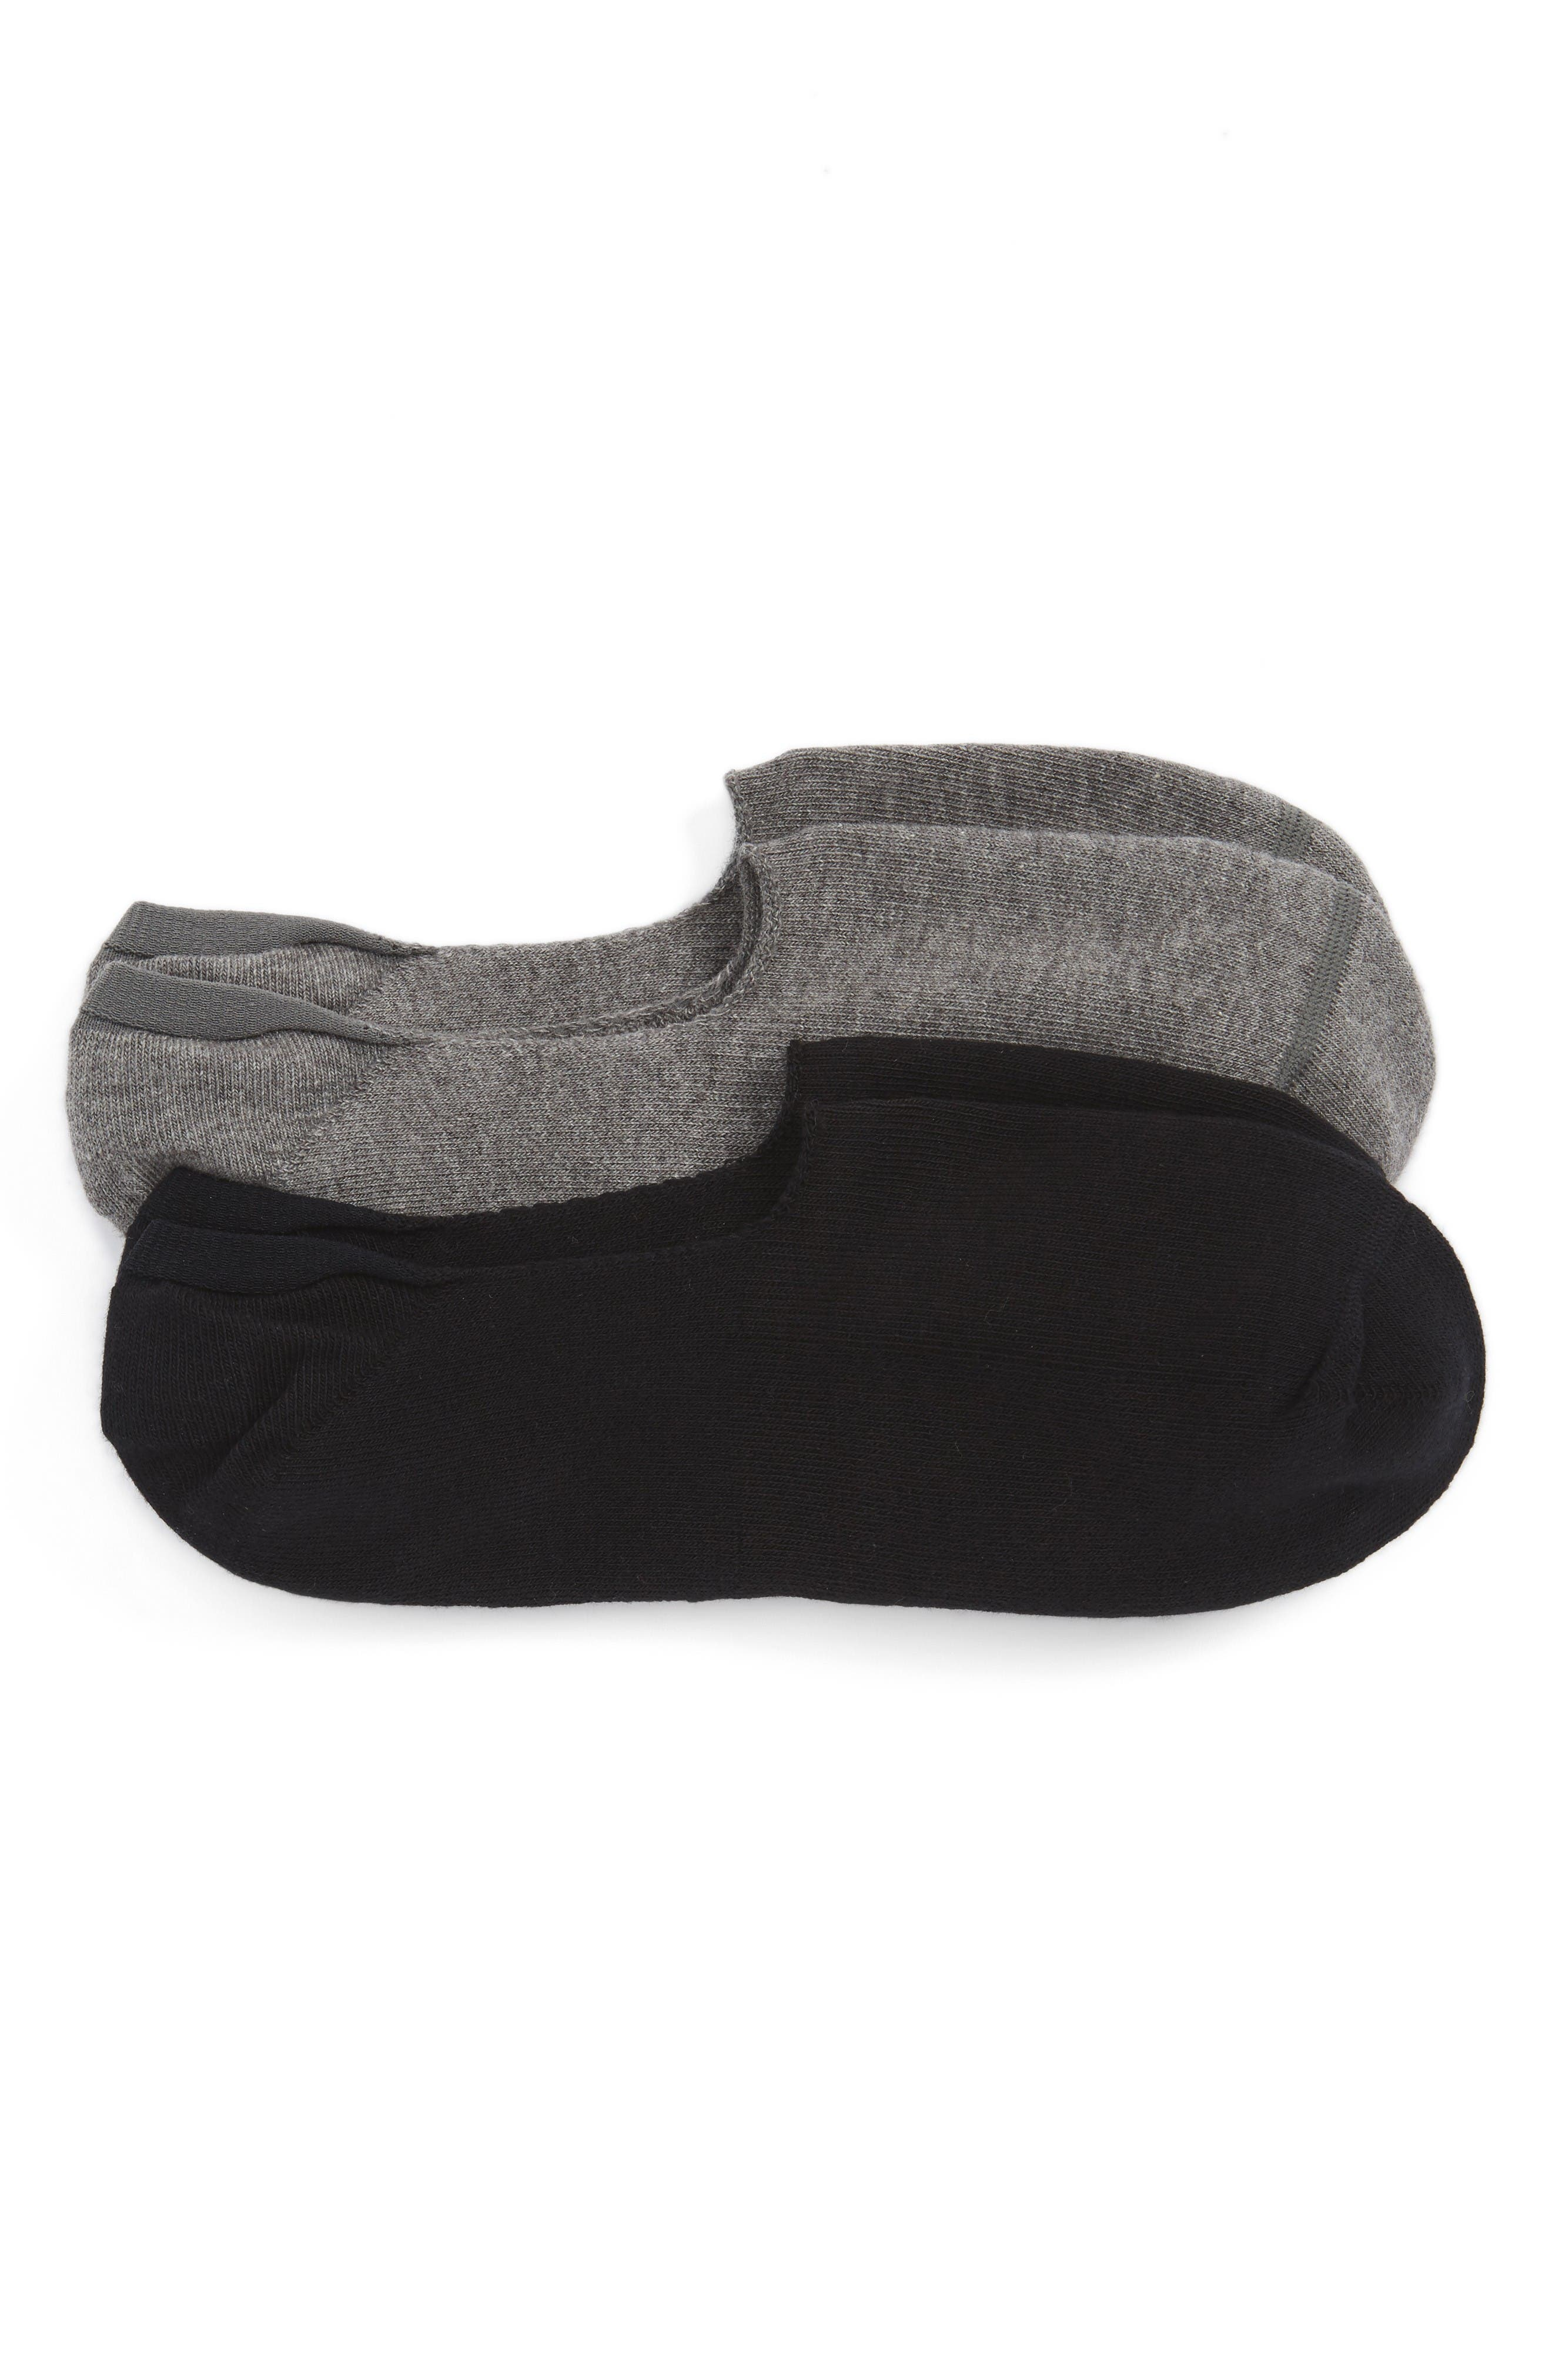 2-Pack Everyday Liner Socks,                         Main,                         color, Black/ Grey